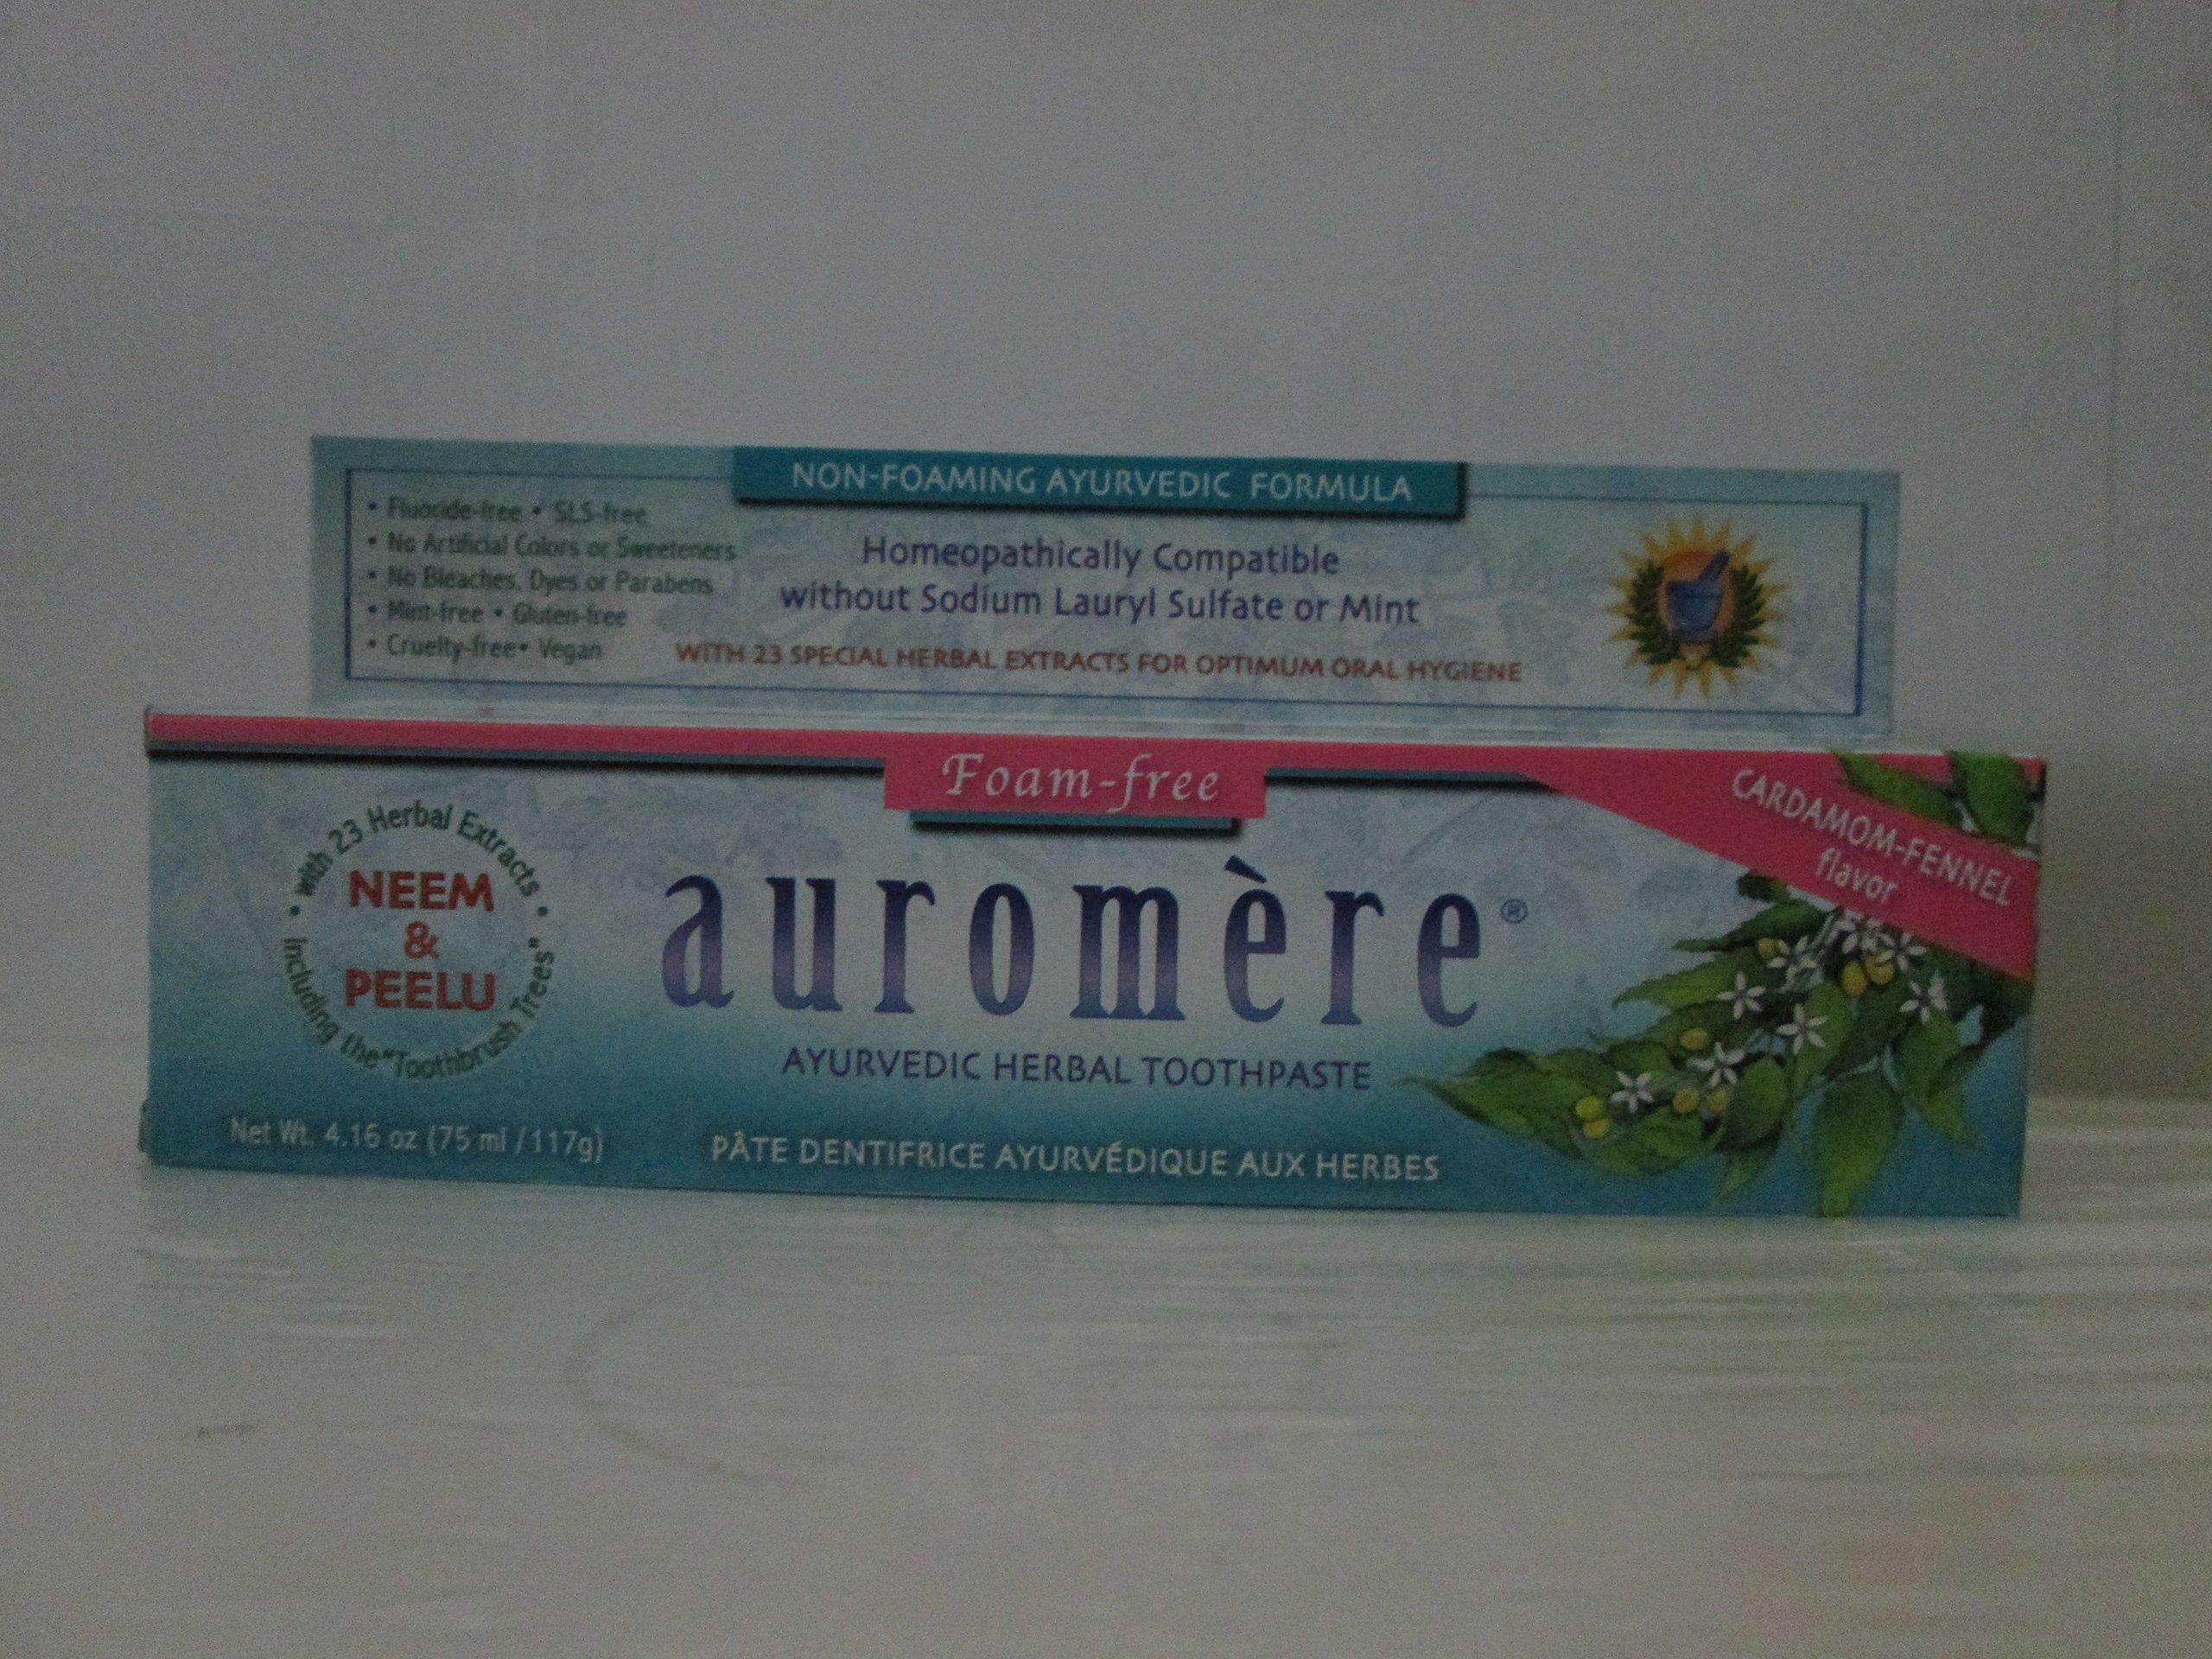 Auromere Tpste Sls Free Cardamom 4.16 Oz Case_12